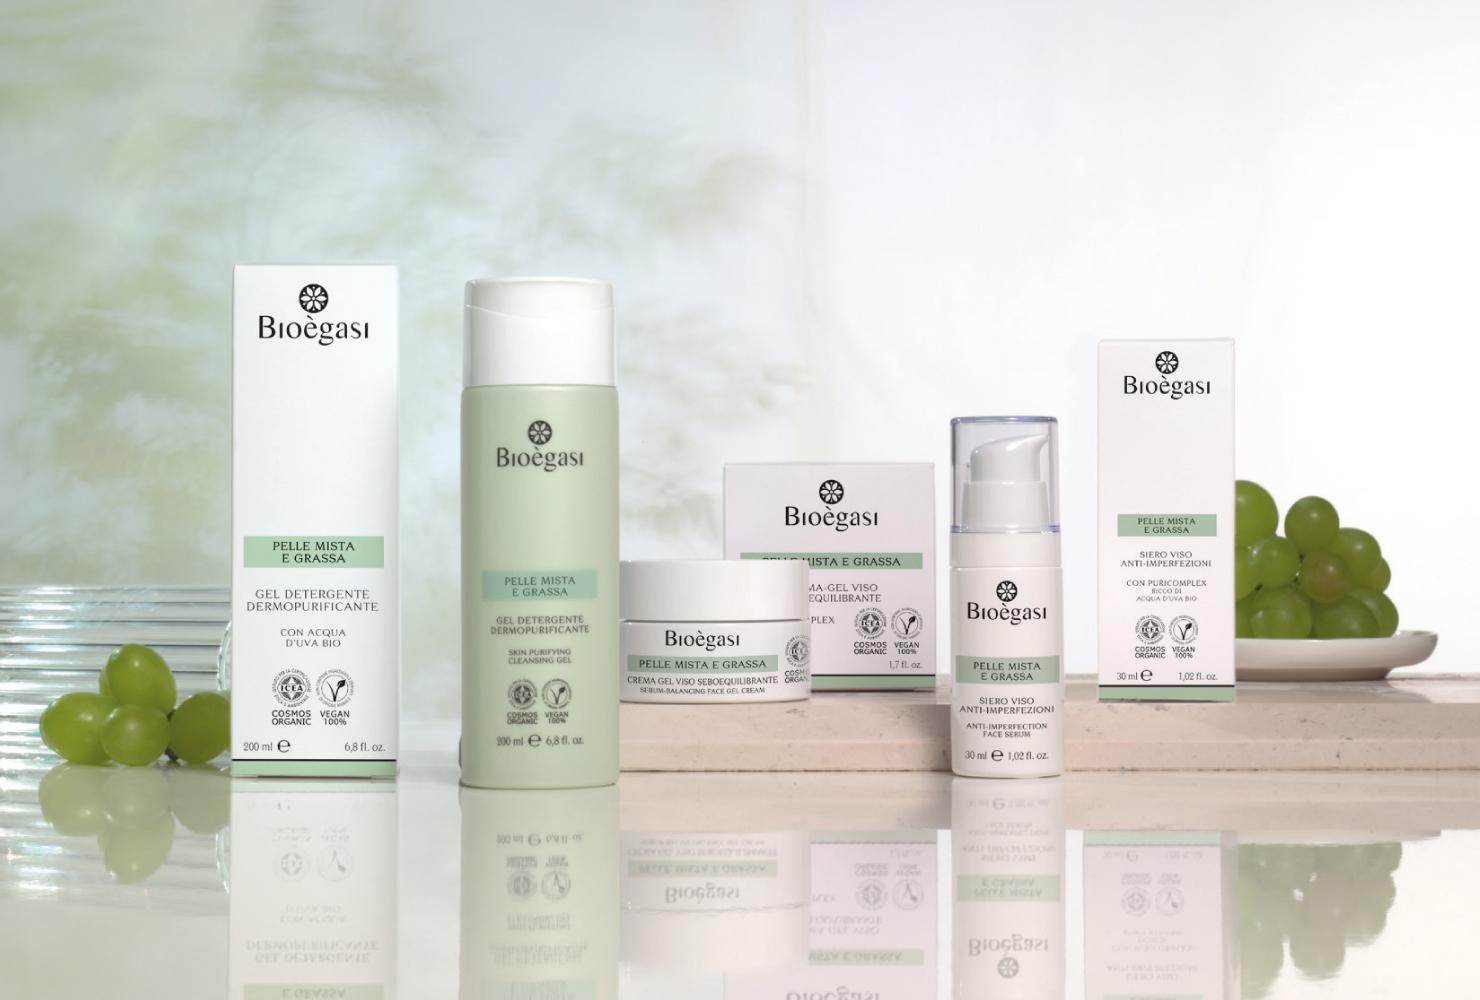 linea di prodotti per la pelle mista e grassa